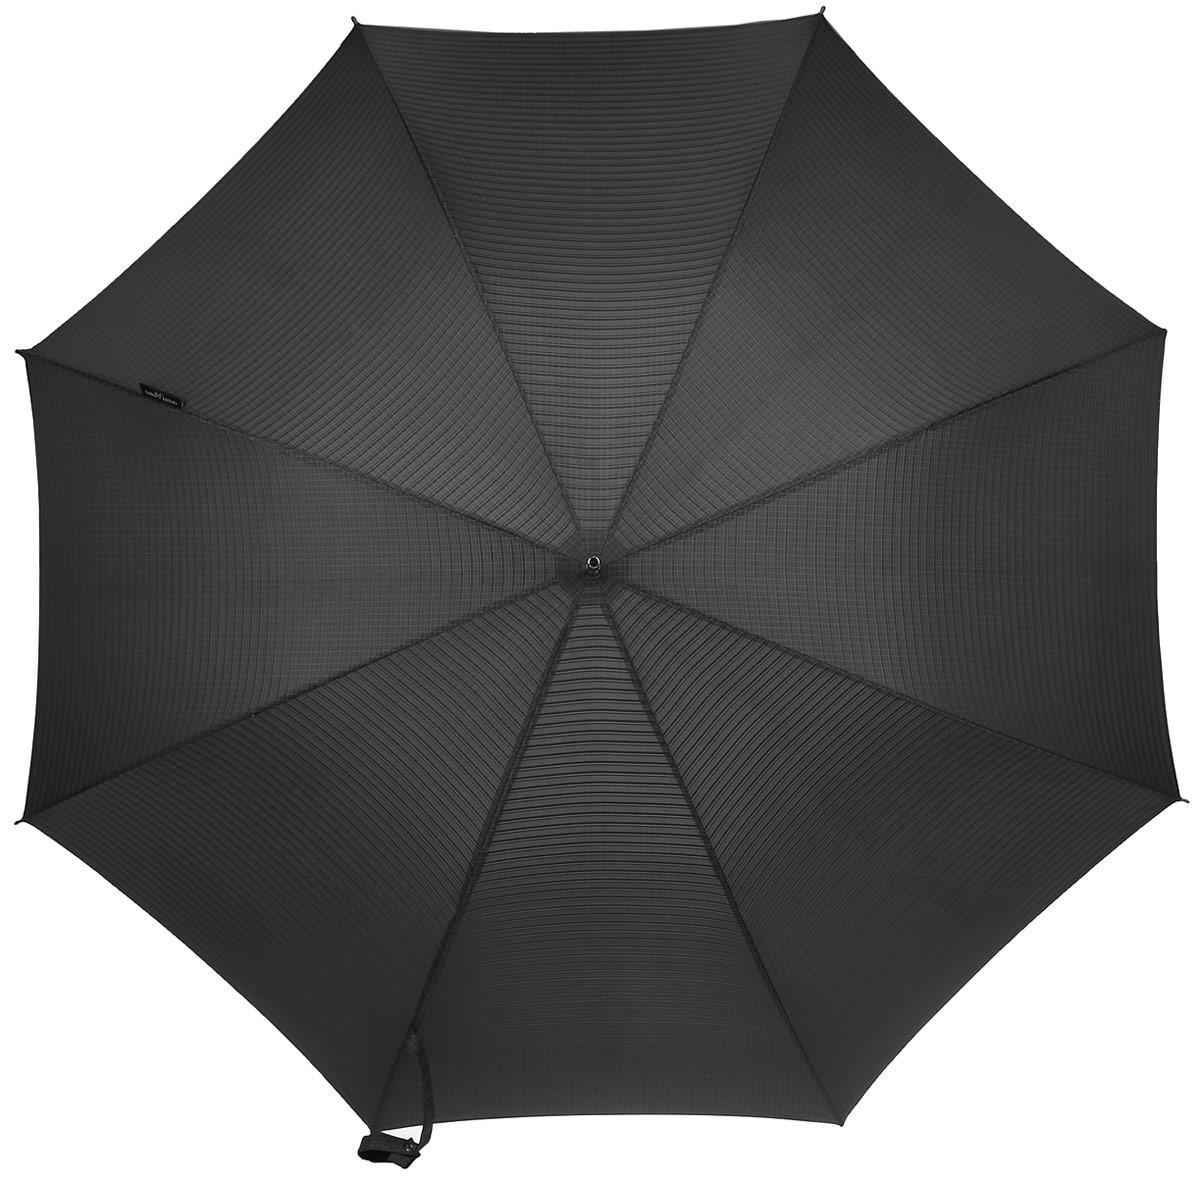 Зонт-трость Slava Zaitsev, цвет: темно-серый. SZ-042/2 autoSZ-042/2 autoЗонт-трость с дизайном В.М. Зайцева. Автоматическое открытие, спицы и шток из высококарбонистой стали. Ткань - полиэстер. Диаметр купола 105 см по нижней части. Длина в сложенном состоянии - 95 см.